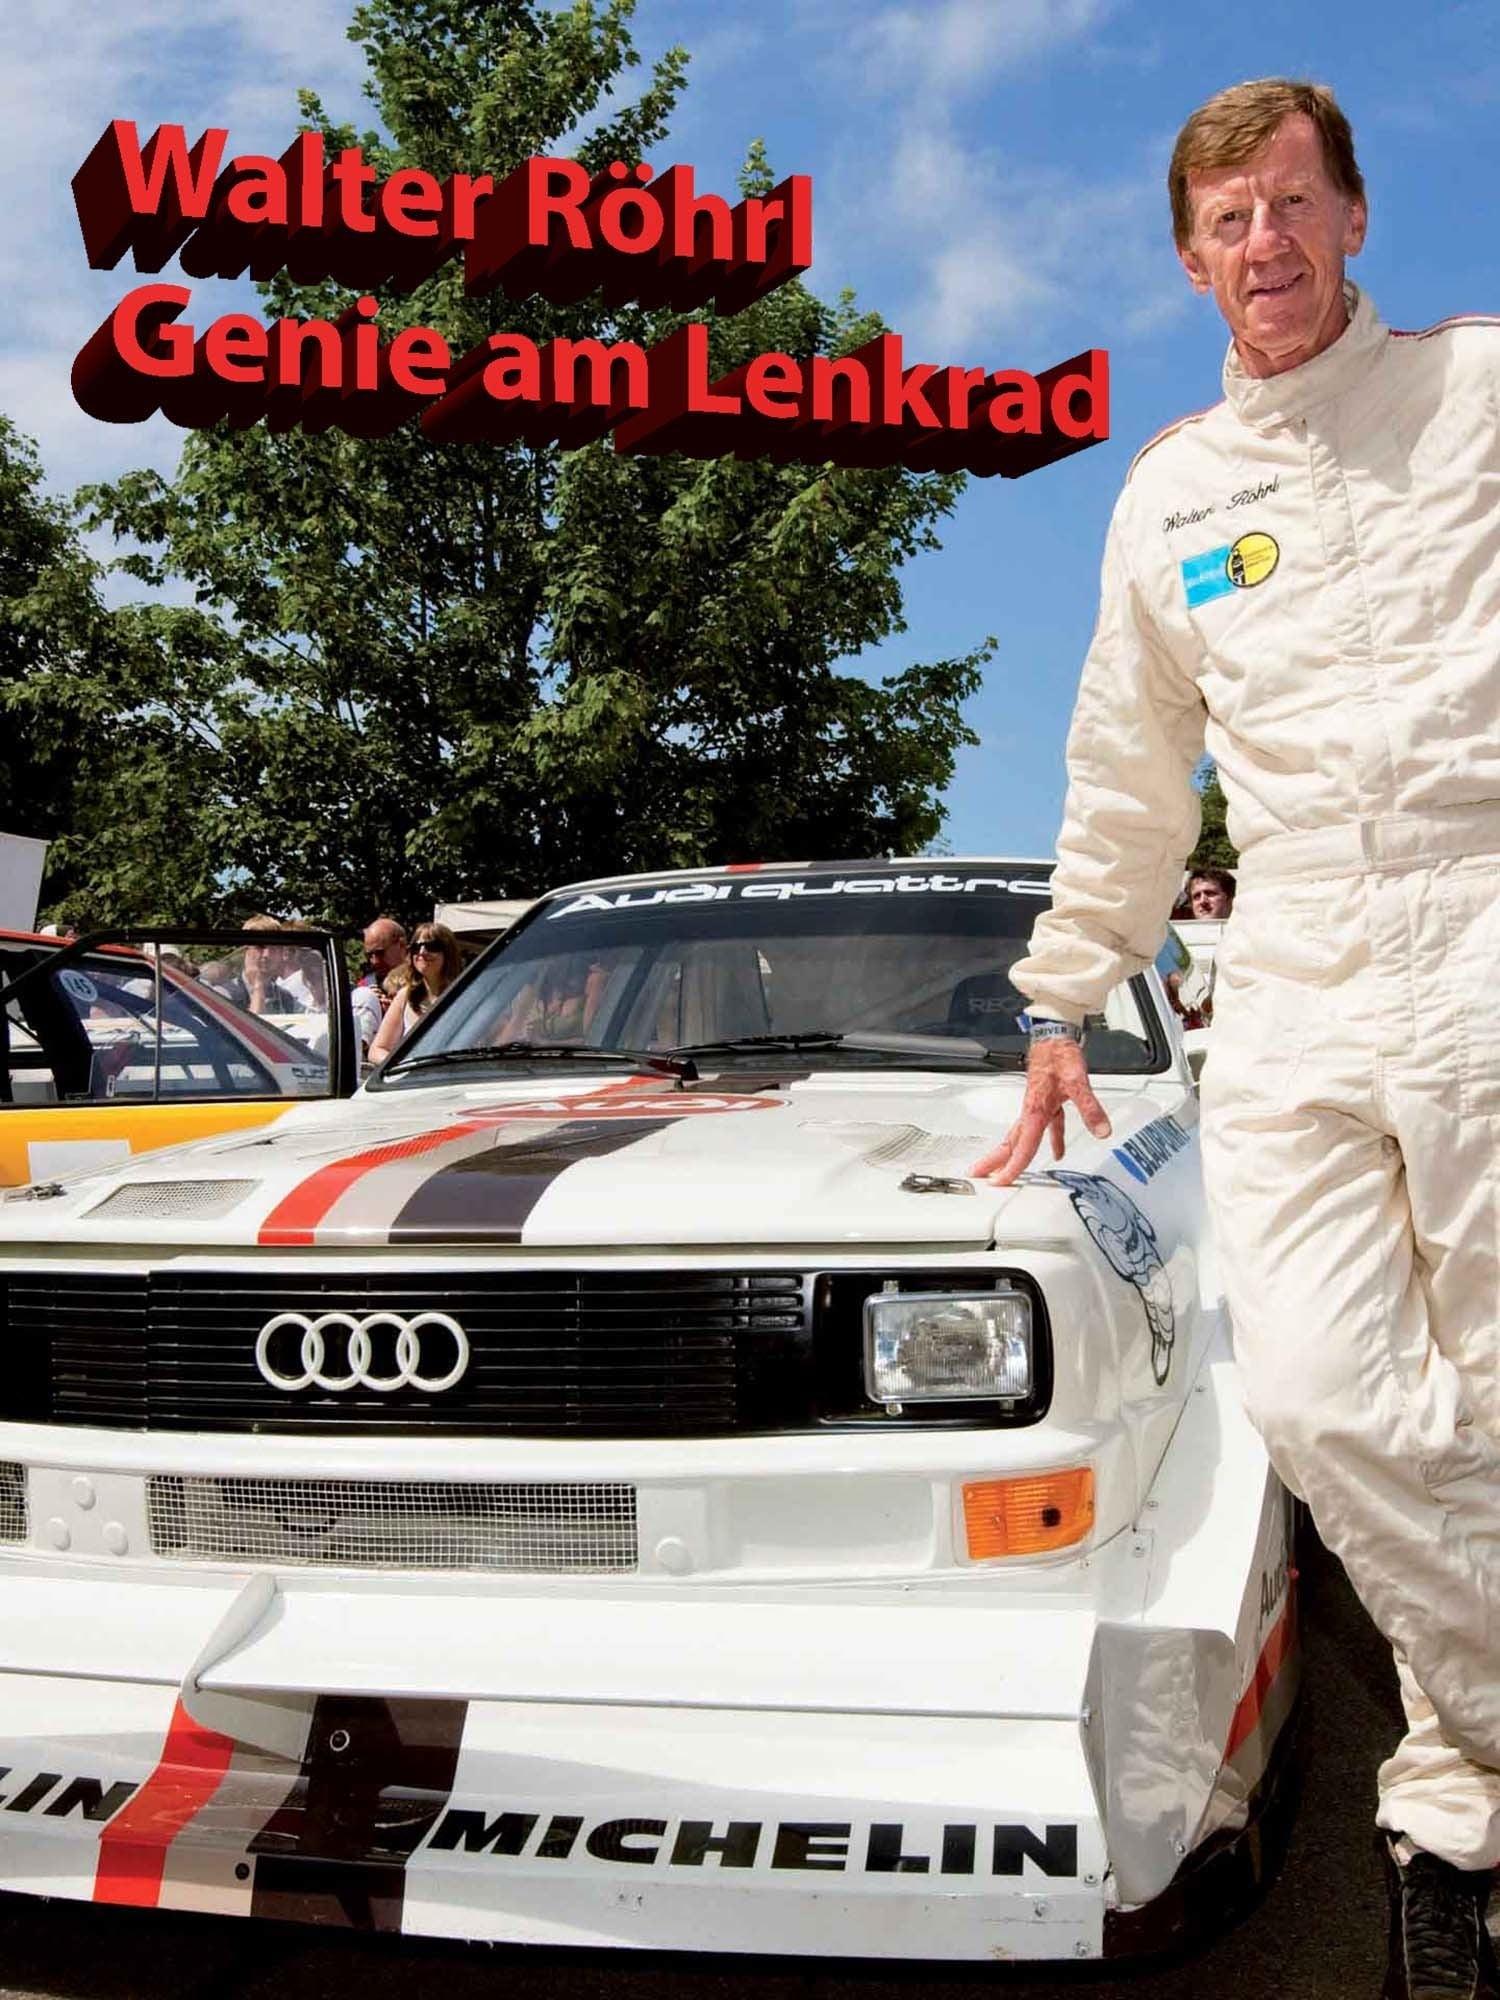 Walter Röhrl - Genie am Lenkrad